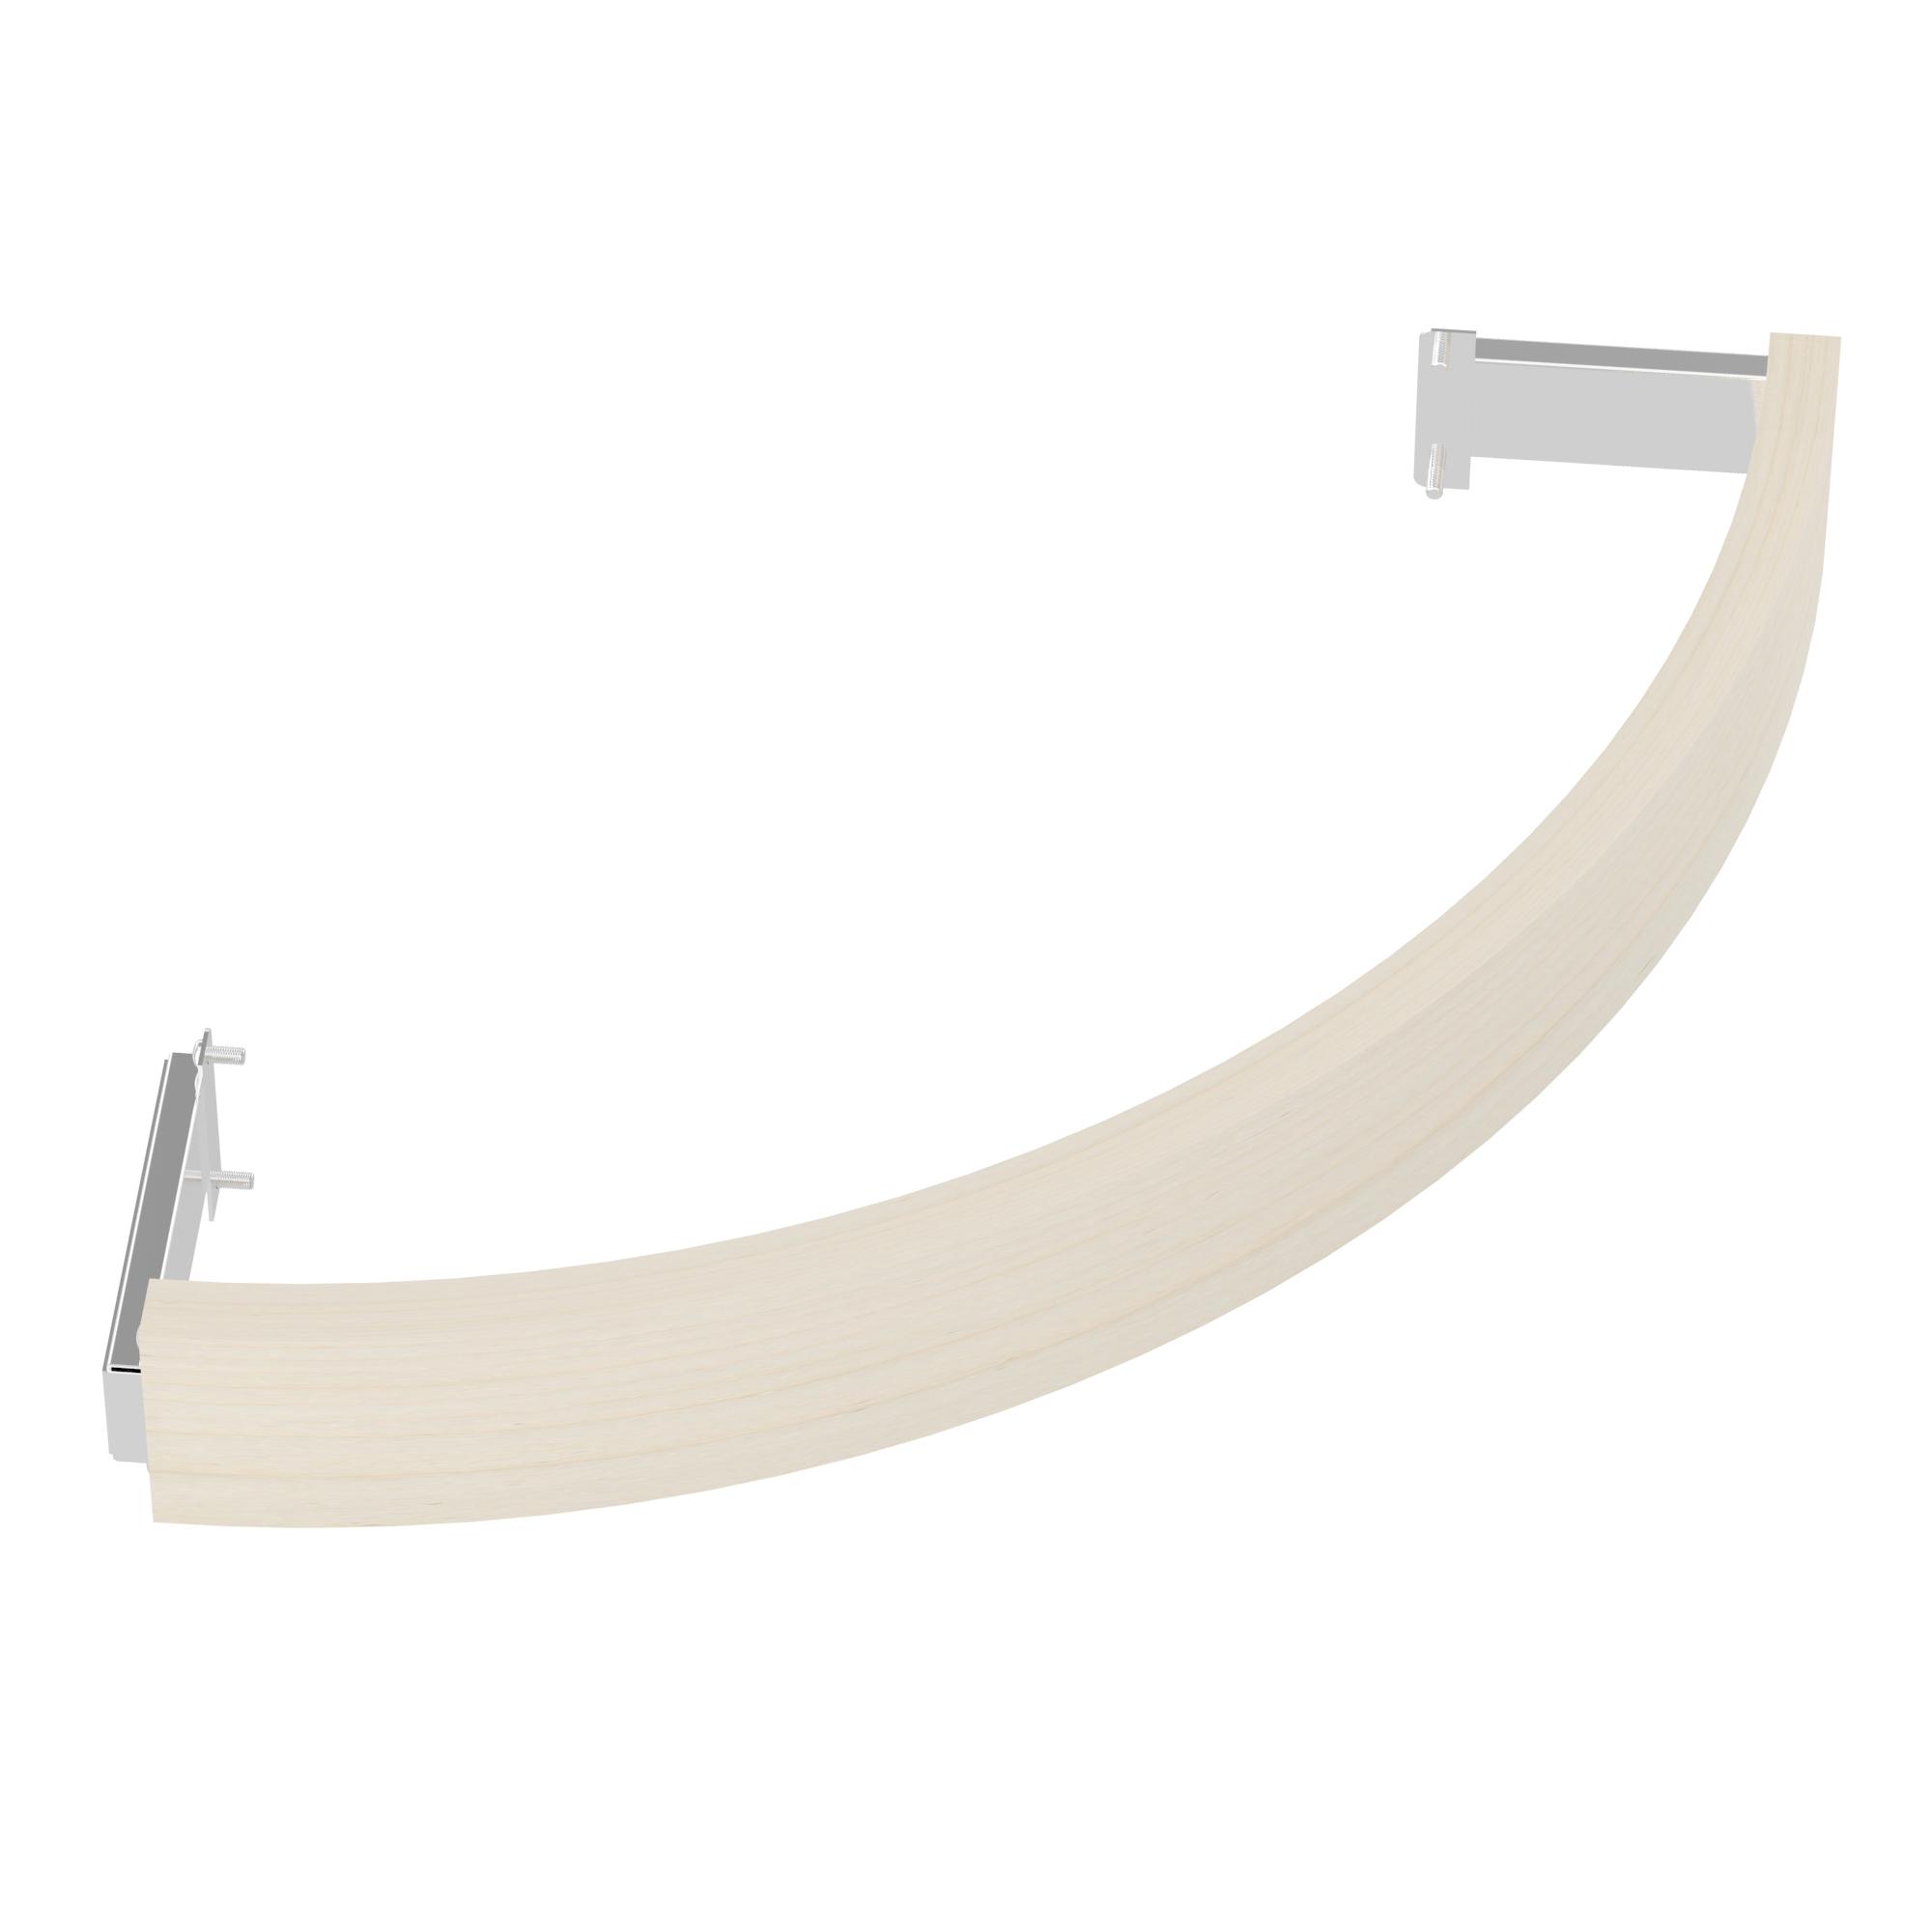 Ограждения и коврики: Деревянное ограждение SAWO TH-GUARD-W6-CNR-A для печи угловой установки TOWER TH6 (осина) ограждения и коврики деревянное ограждение sawo th guard w2 cnr d для печи угловой установки tower th2 и th3 кедр